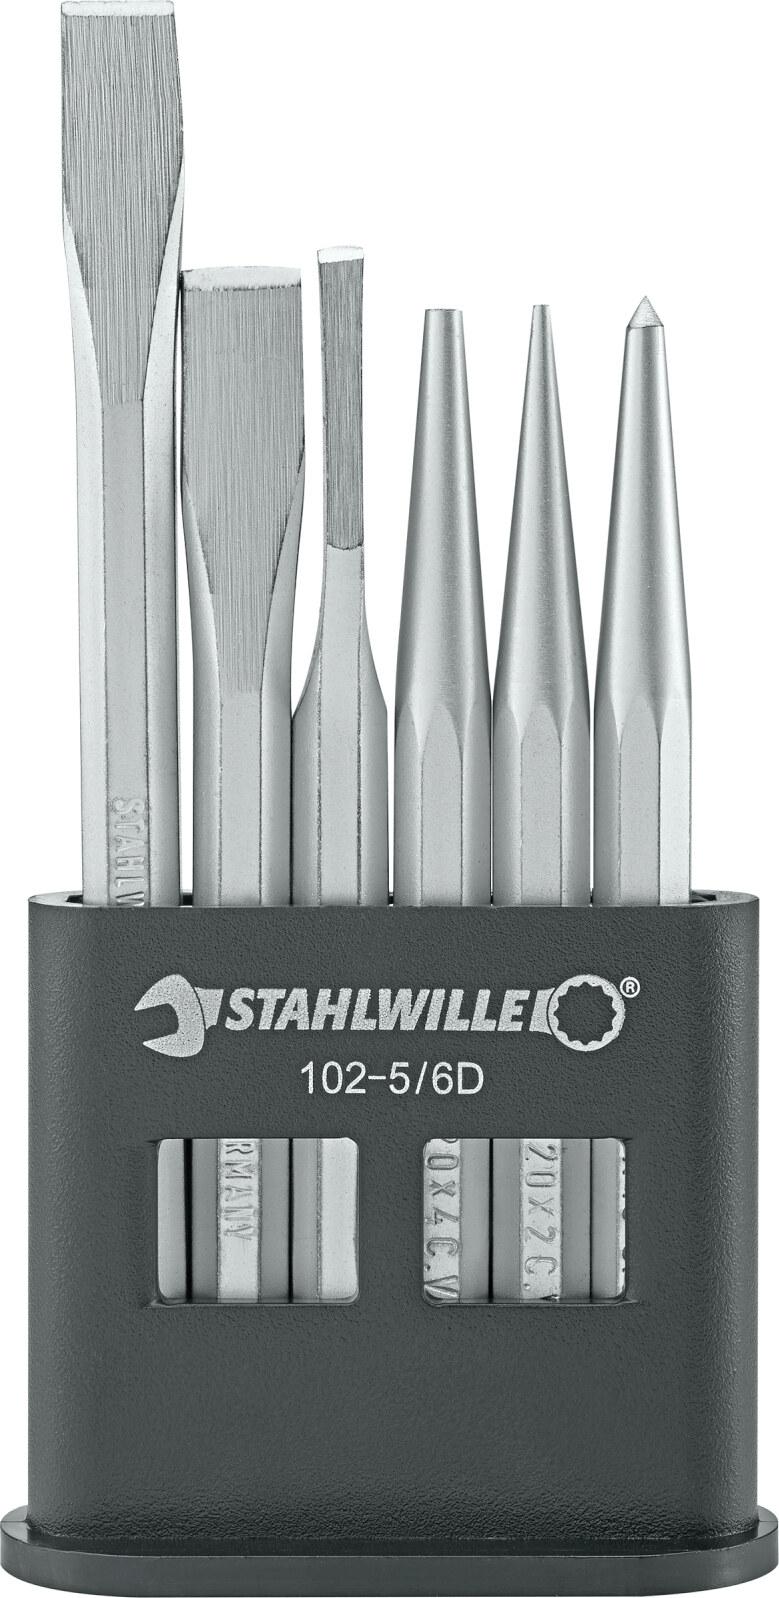 und Durchtreiber-Satz in Kunststoffständer Stahlwille 102-5//6 D Meißel